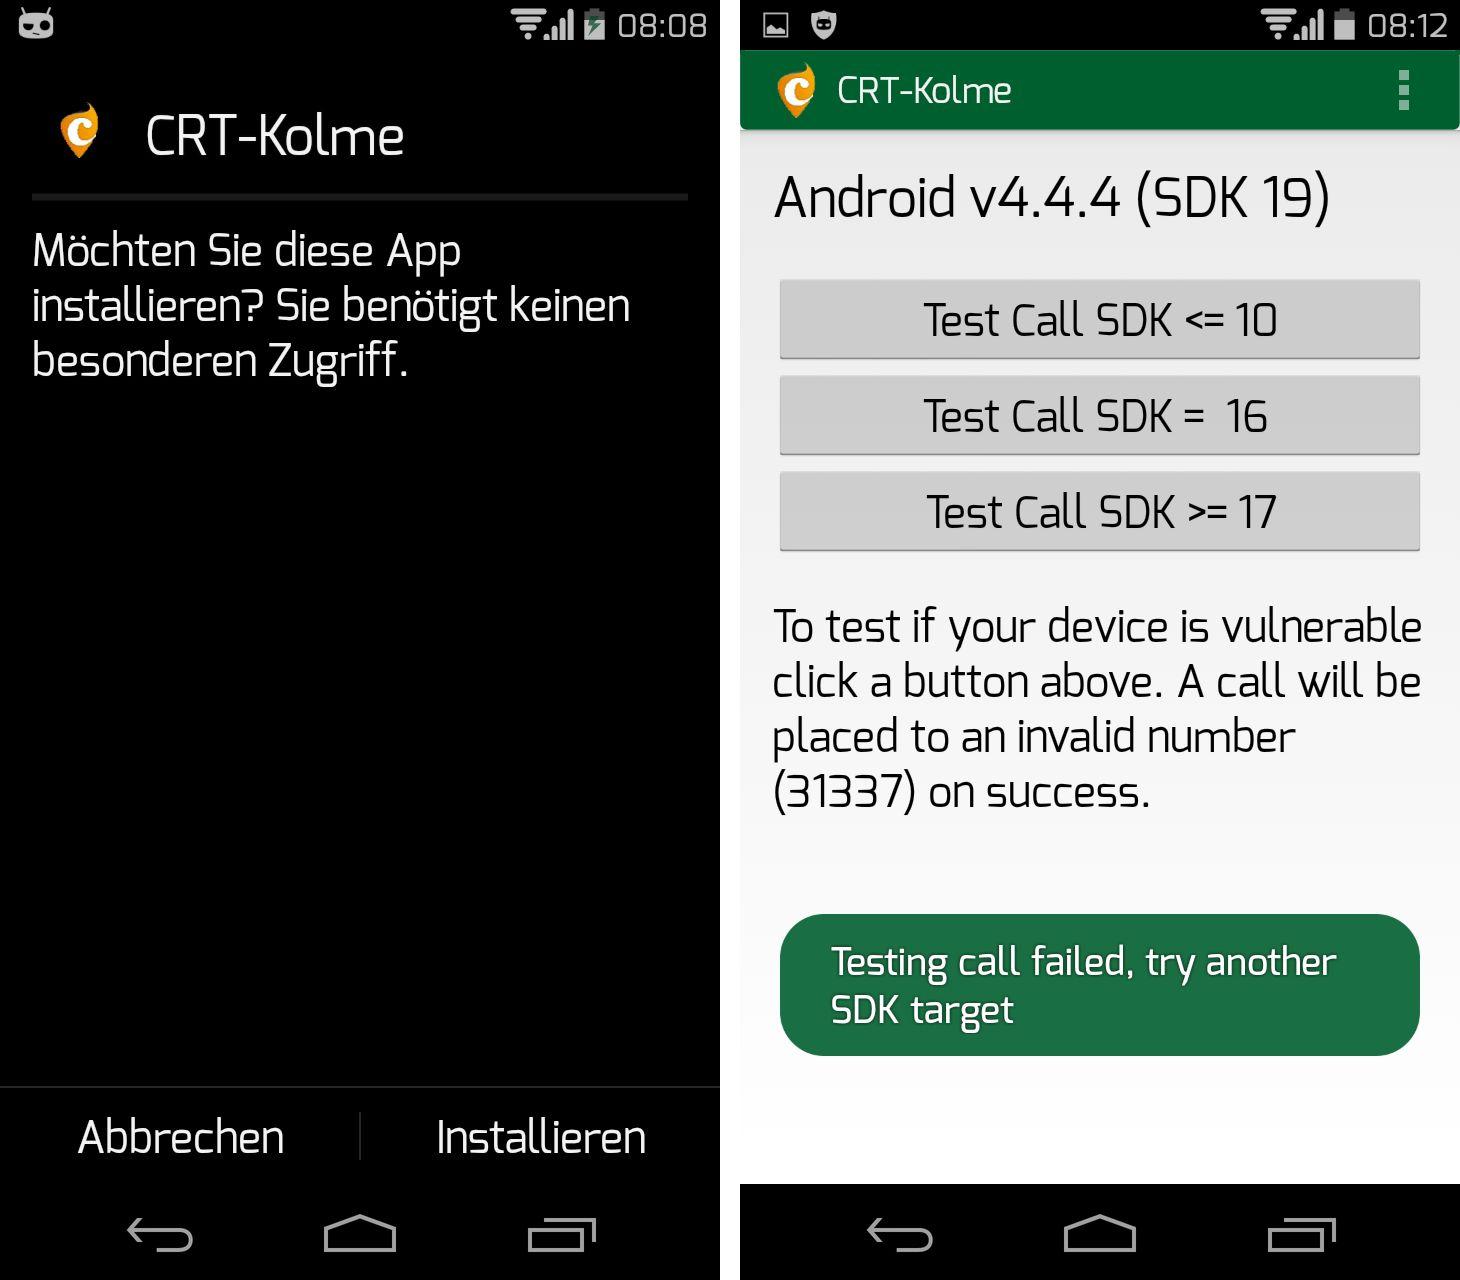 Auf einem Motorola Moto G mit einer aktuellen Nightly-Version von Cyanogenmod 11 lässt sich laut Tests von ZDNet die Lücke mit der von Curesec bereitgestellten Test-Anwendung nicht mehr ausnutzen (Screenshot: ZDNet).